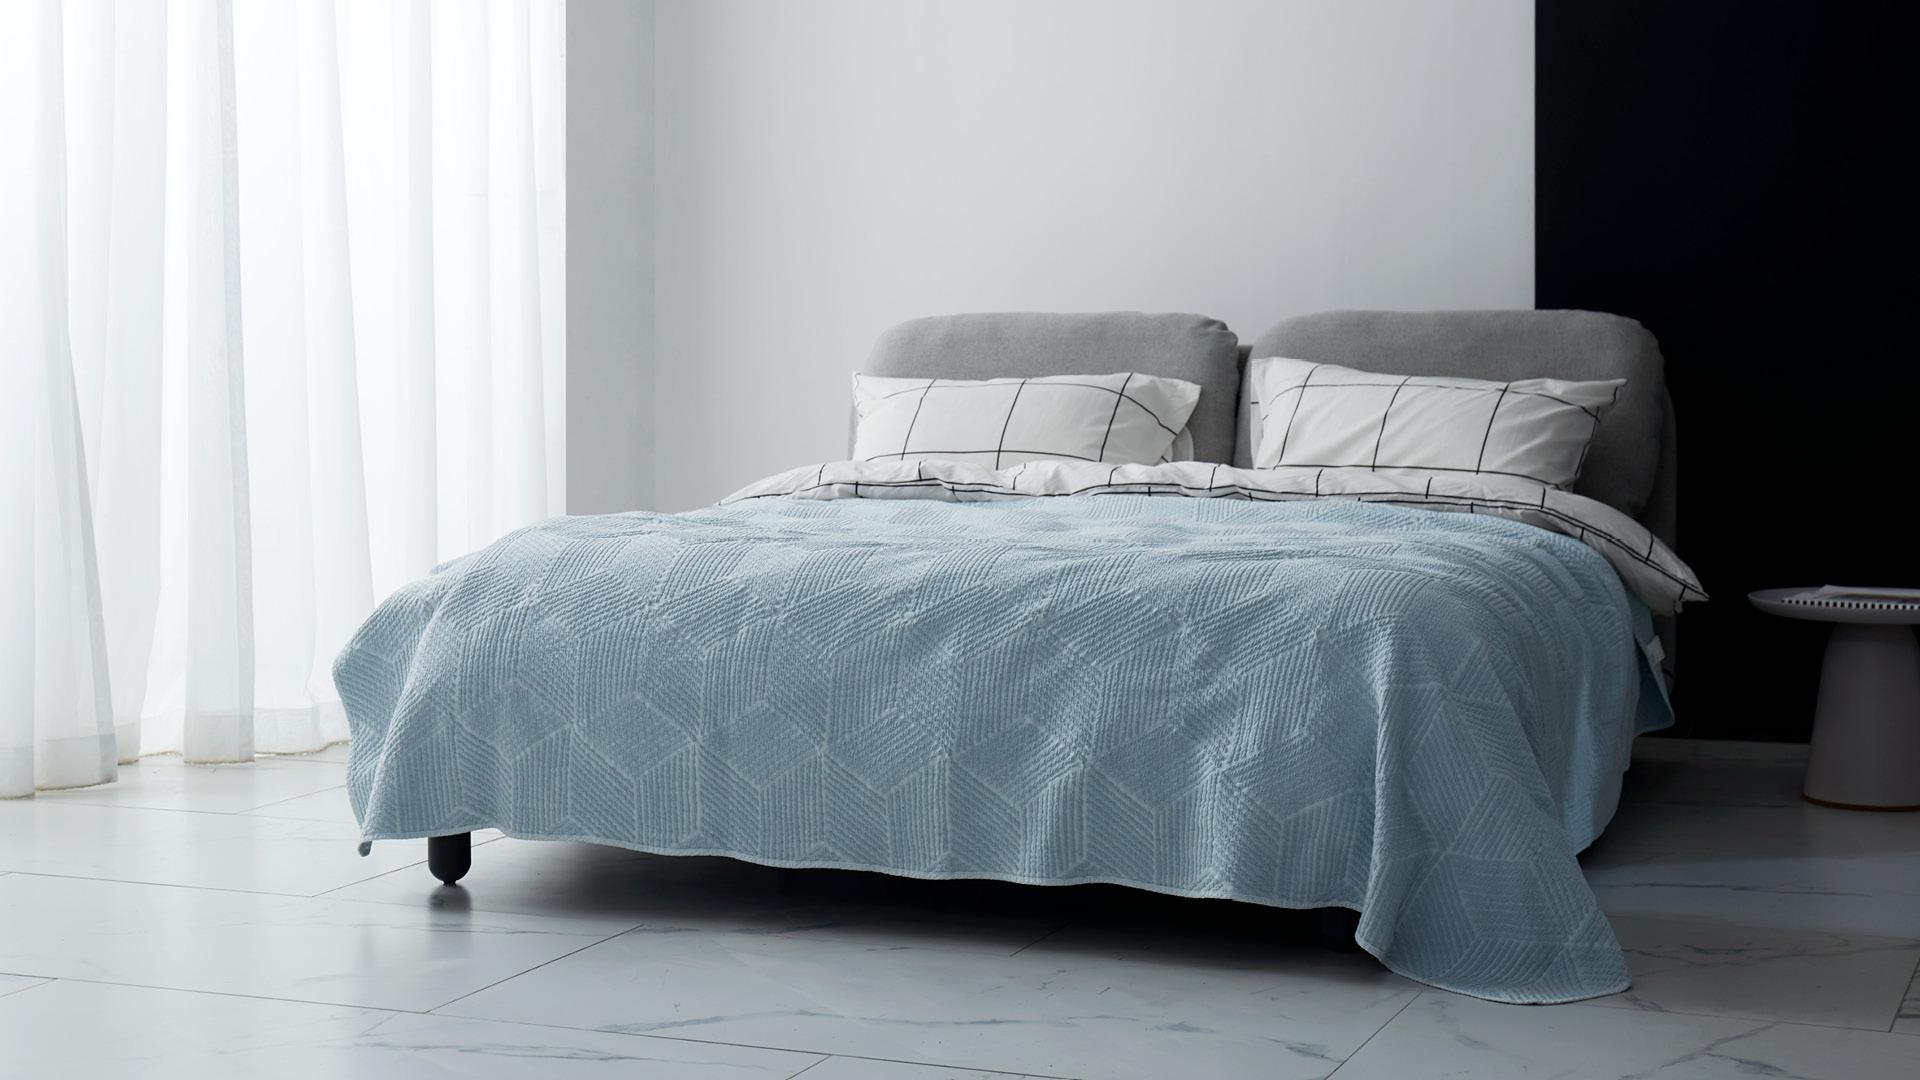 宽大床盖,给卧室加一点温柔层次